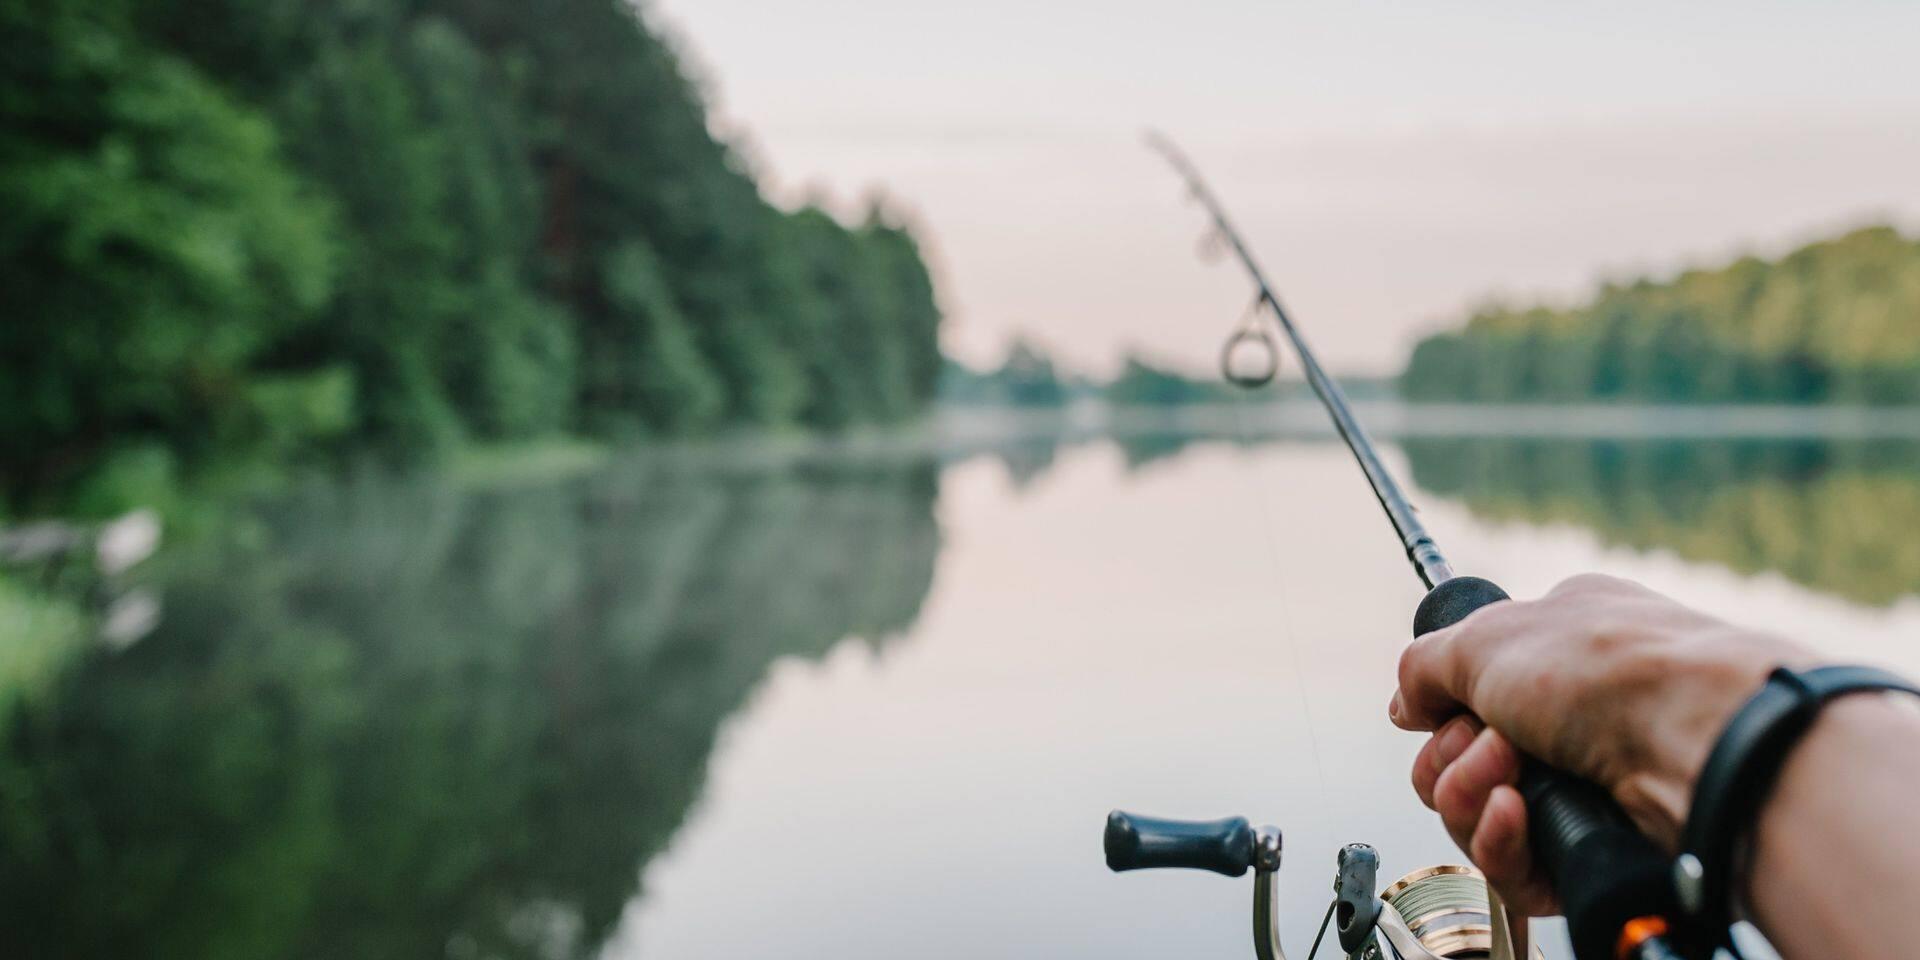 La pêche à la truite ouvrira le 20 mars, avec une nouvelle réglementation